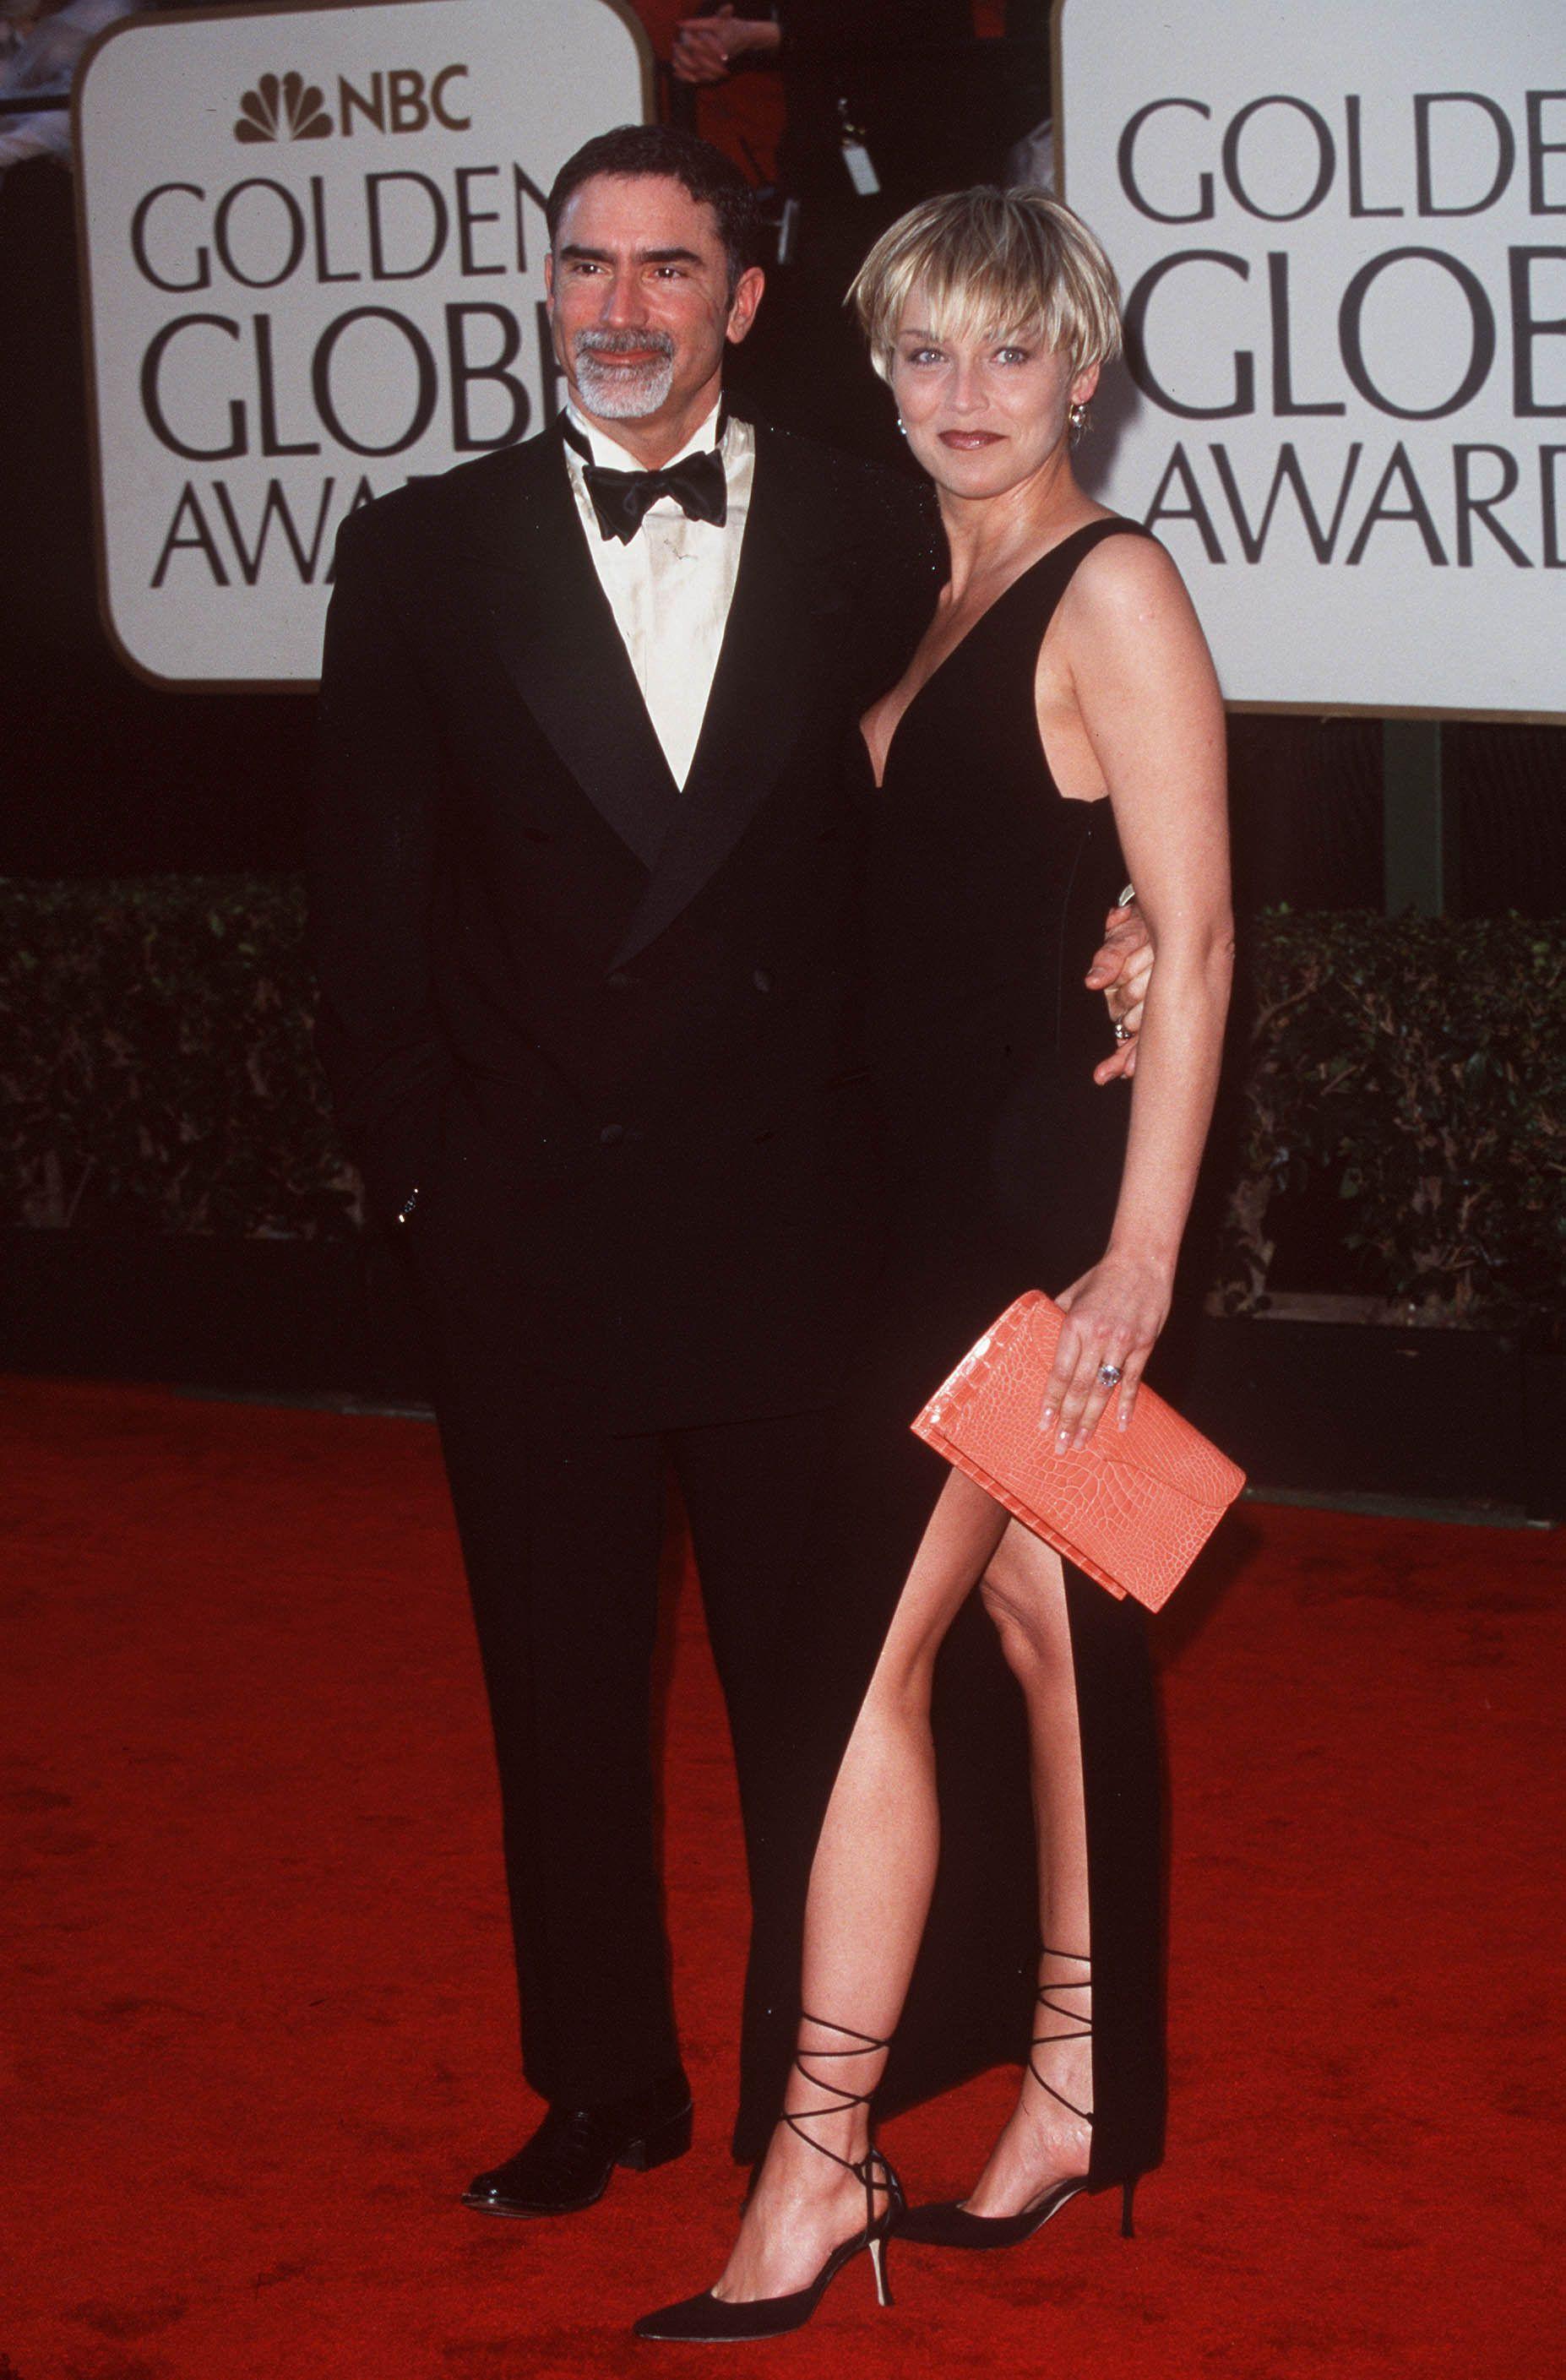 La actriz Sharon Stone y el periodista Phil Bronstein llevaban nueve meses juntos cuando sorprendieron al mundo con el anuncio de su casamiento (The Grosby Group)